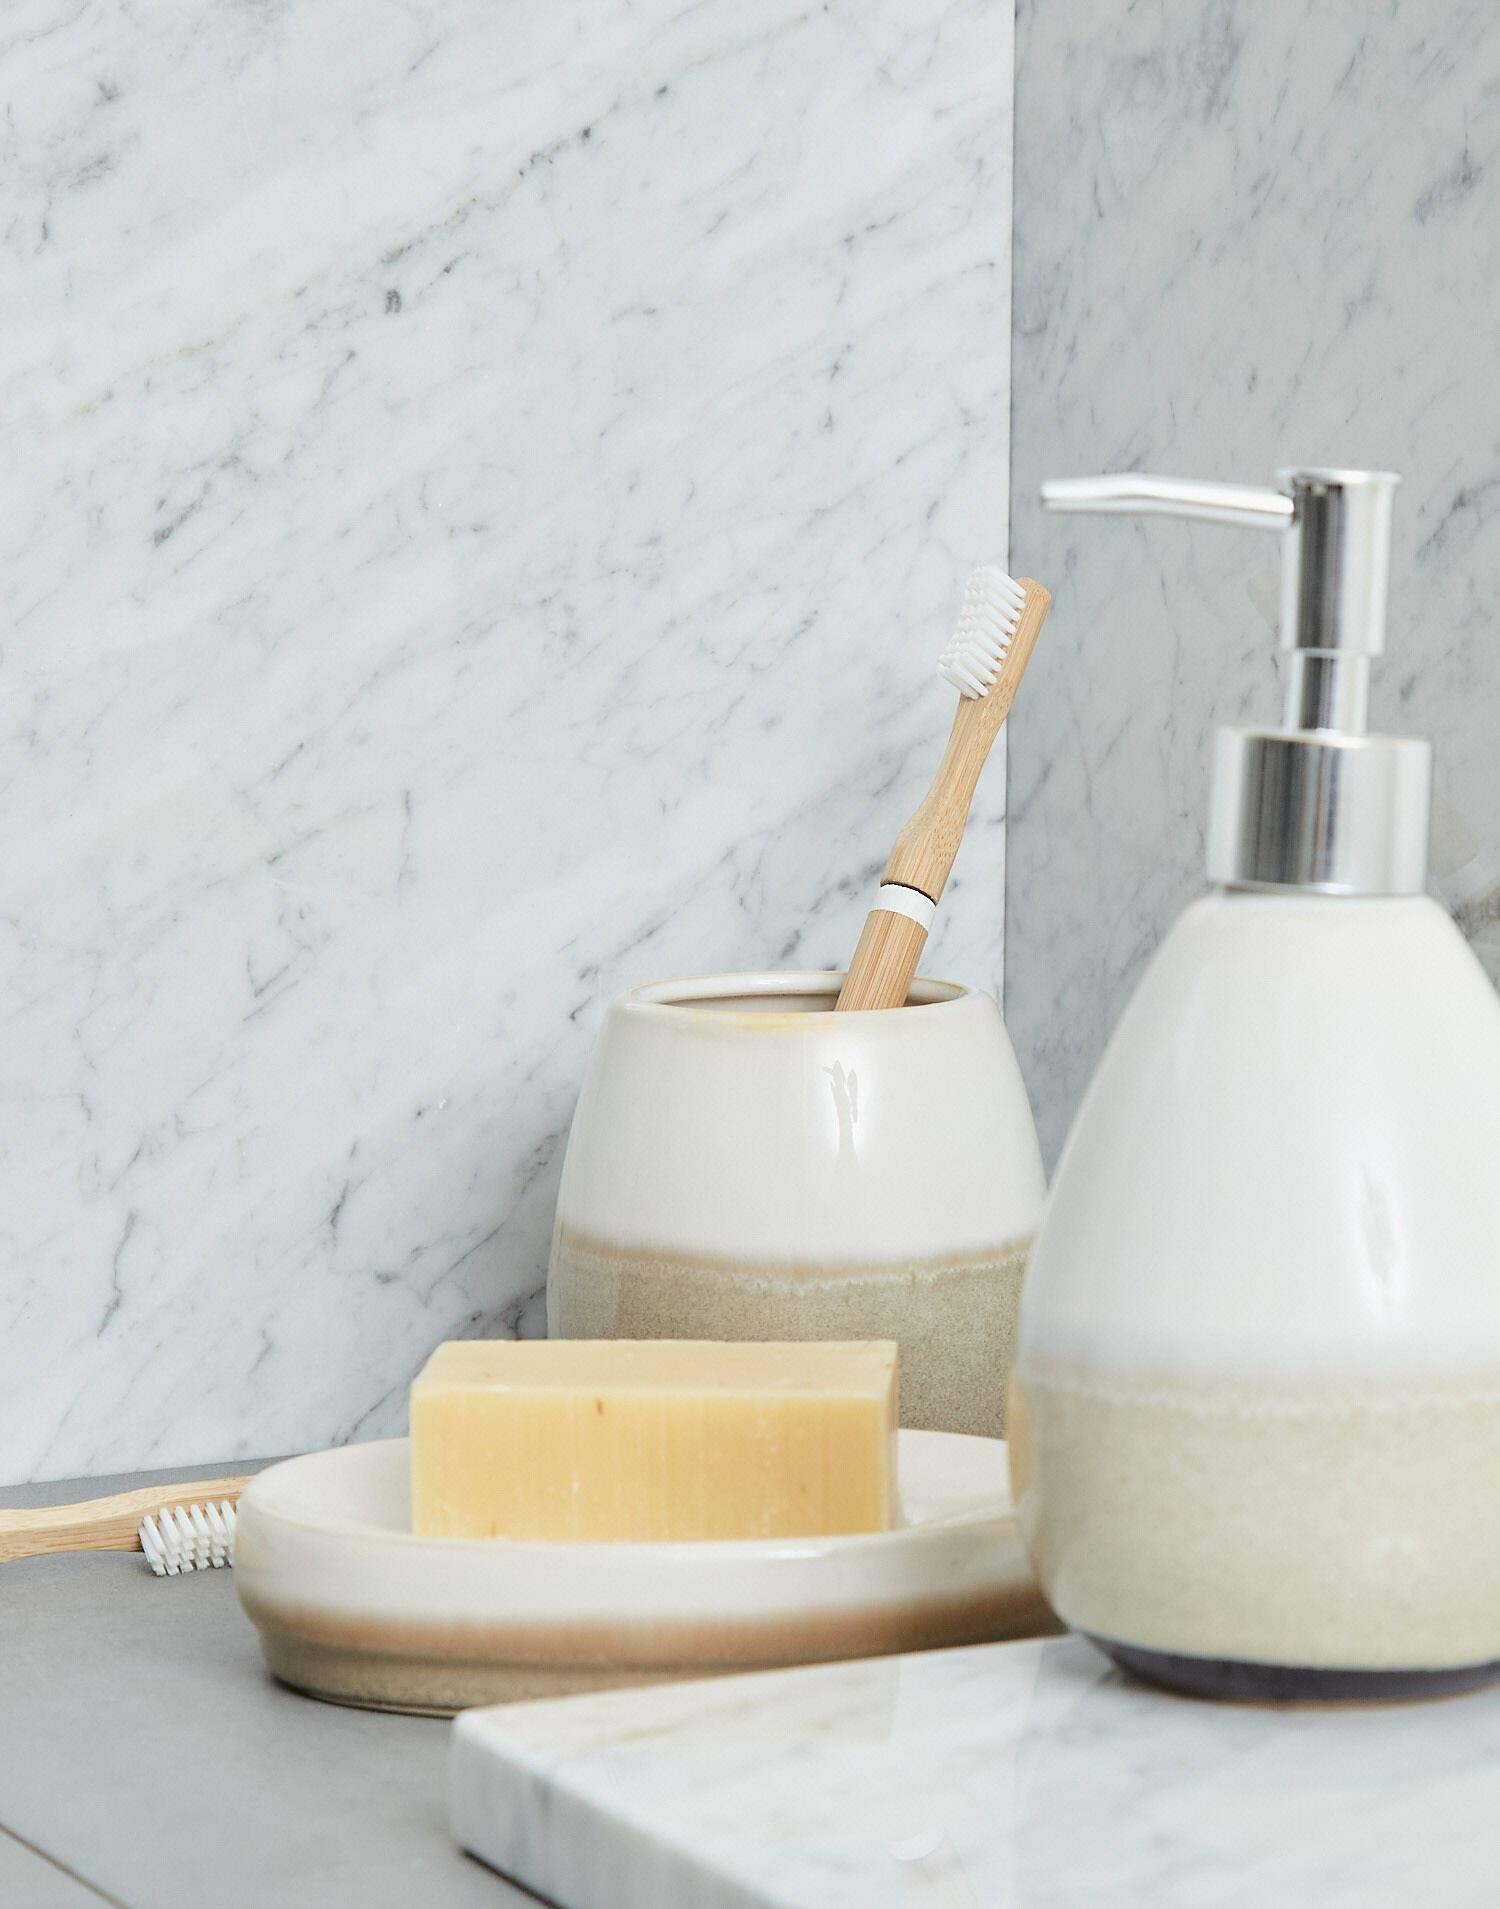 Java soap dispenser